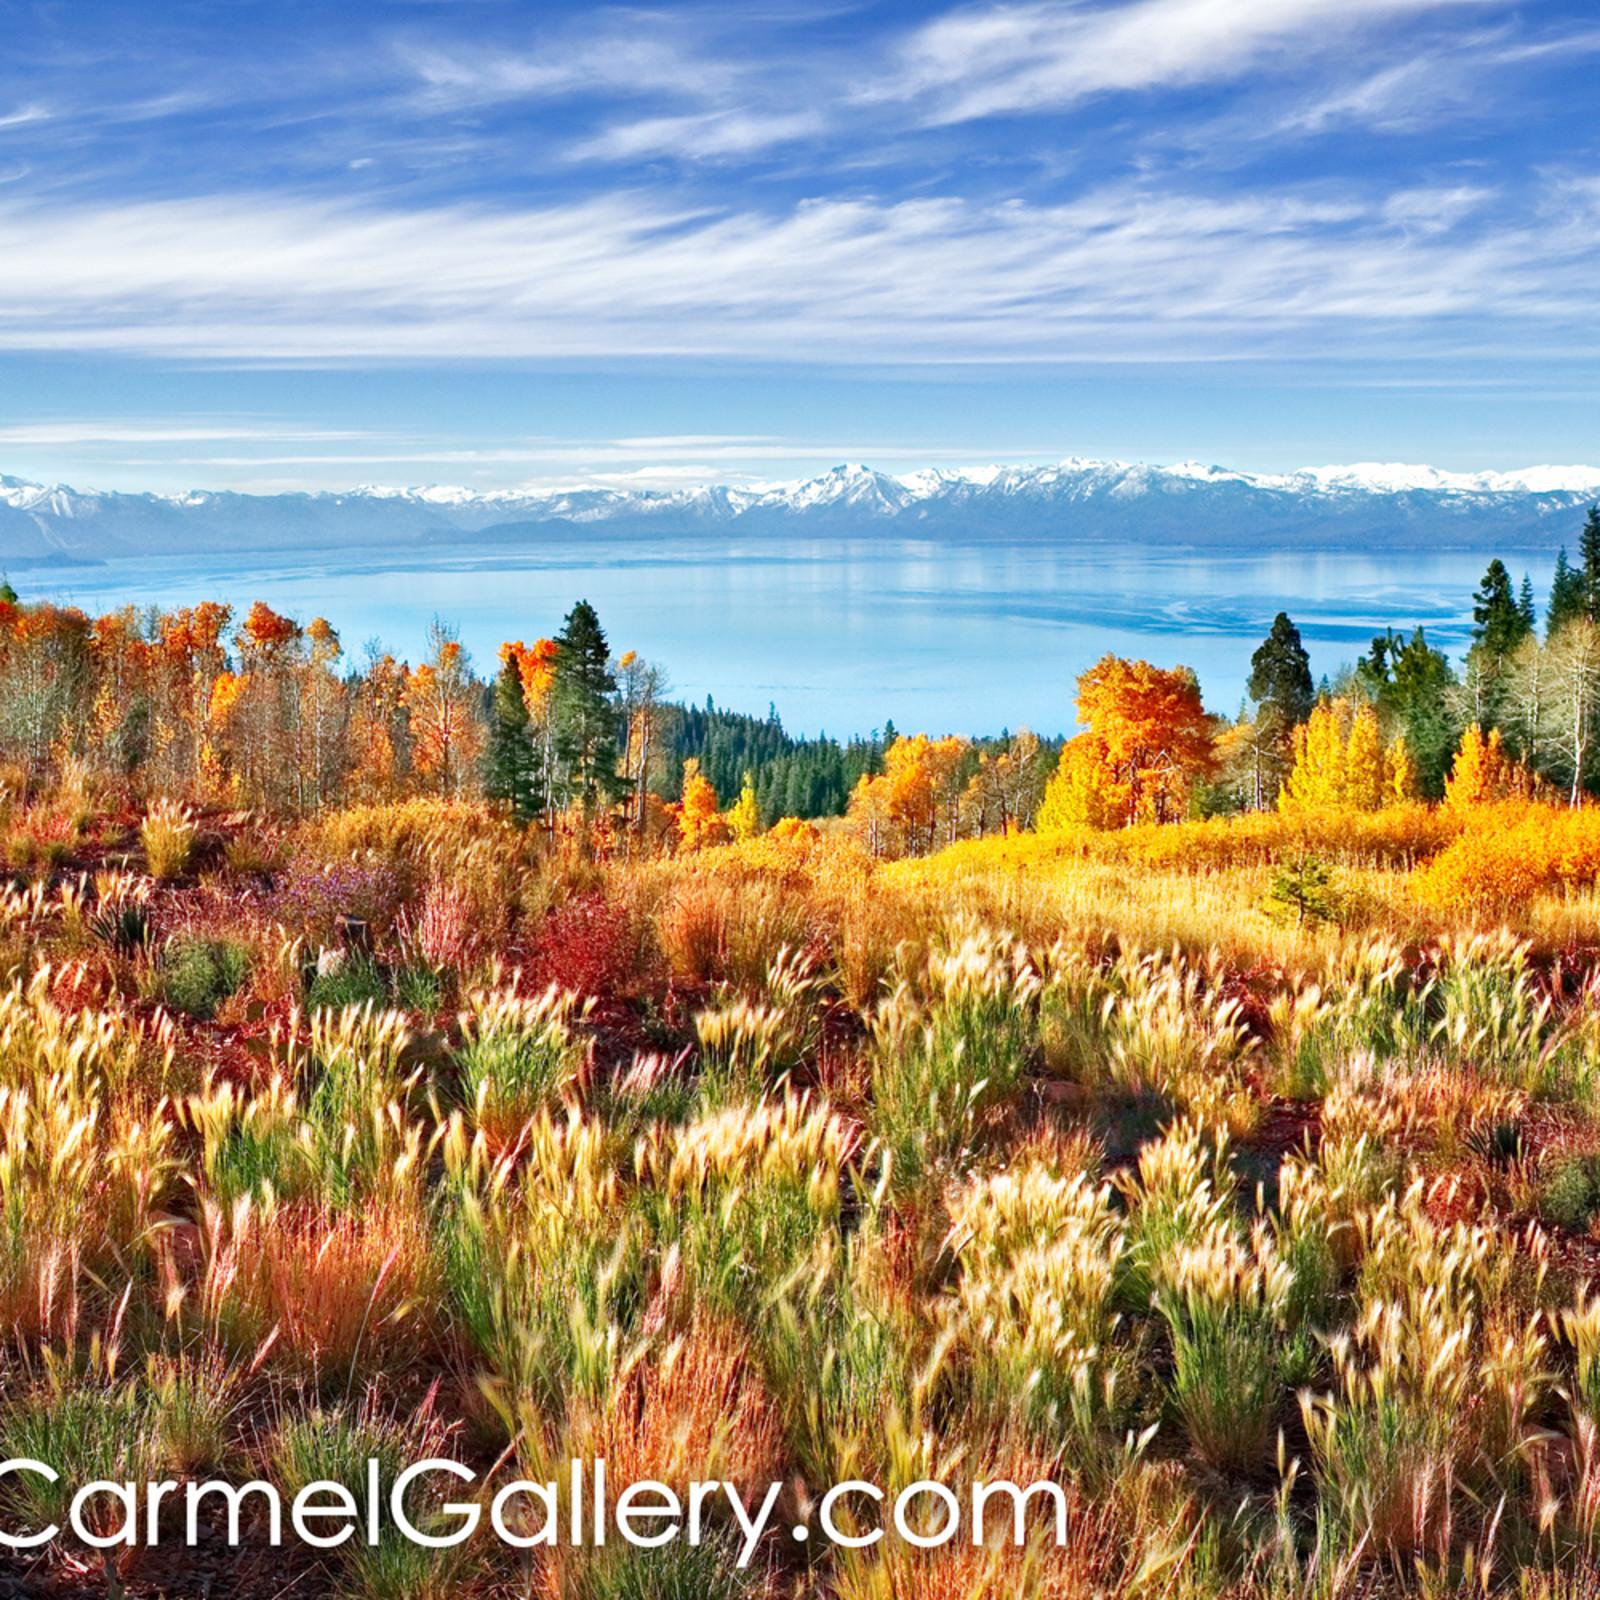 Autumn morning tahoe fxiaah